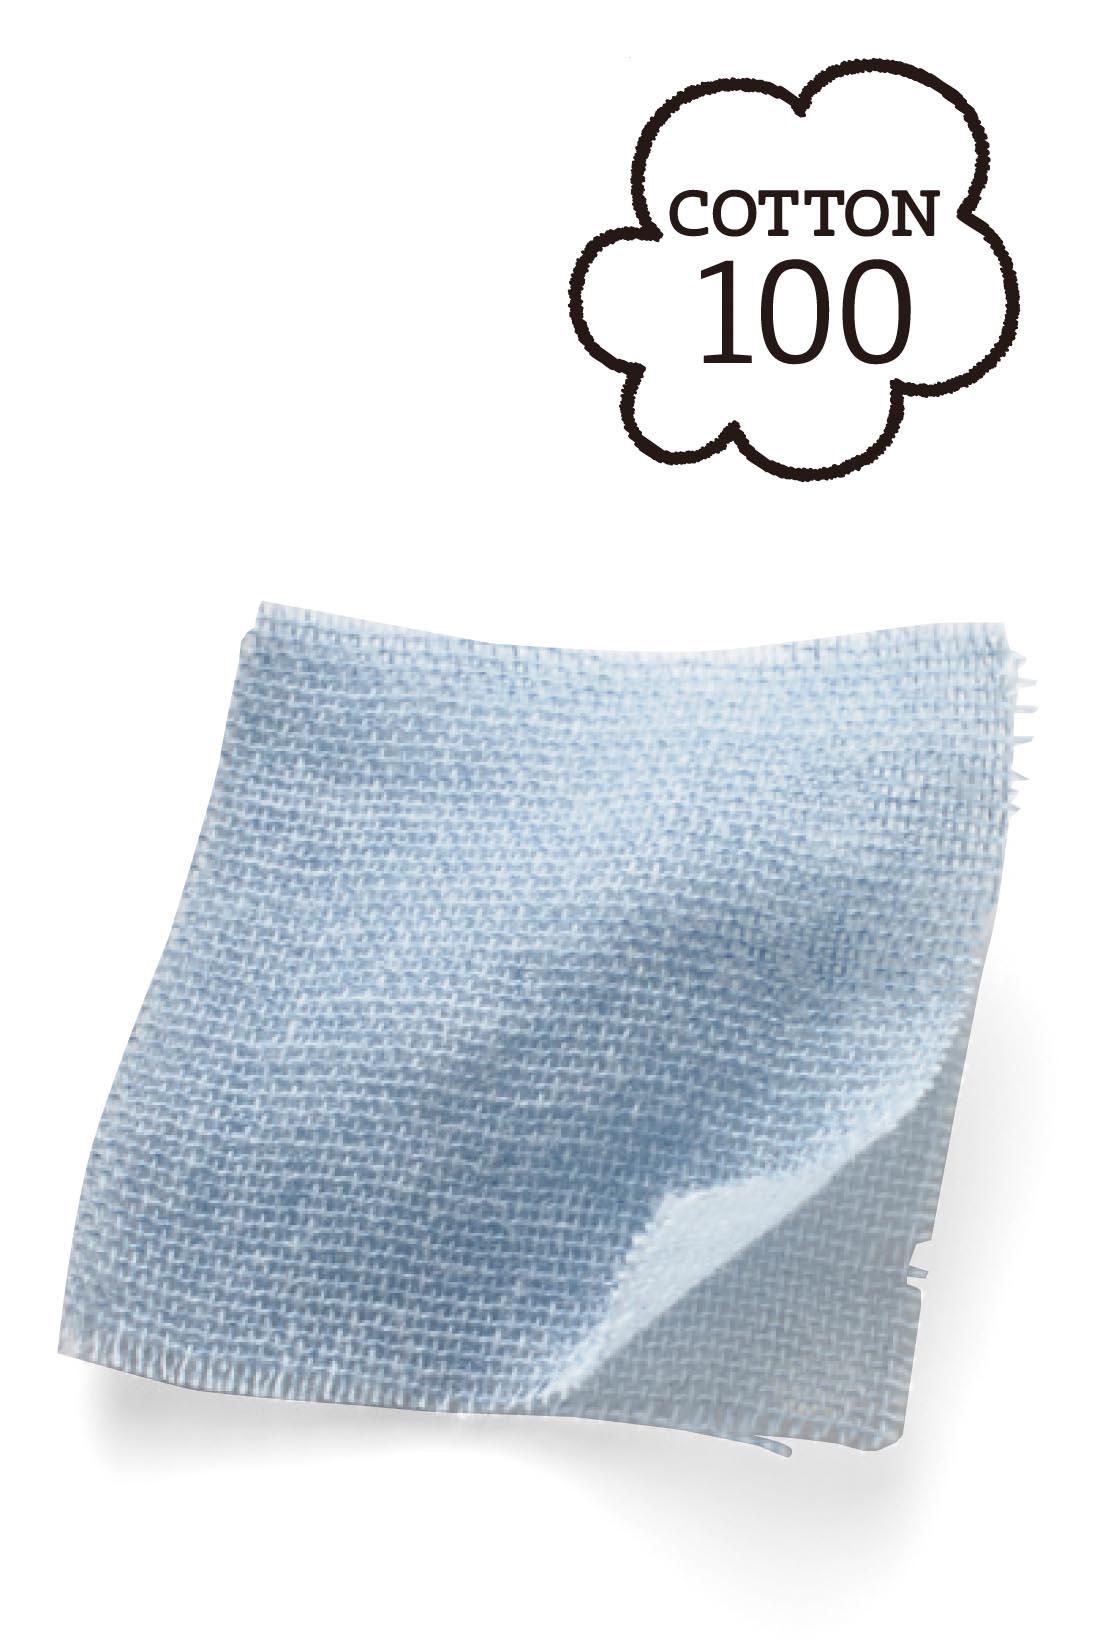 ダブルガーゼの素材感も肌心地がよく、インナーが透けにくいのもポイントです。 ※お届けするカラーとは異なります。